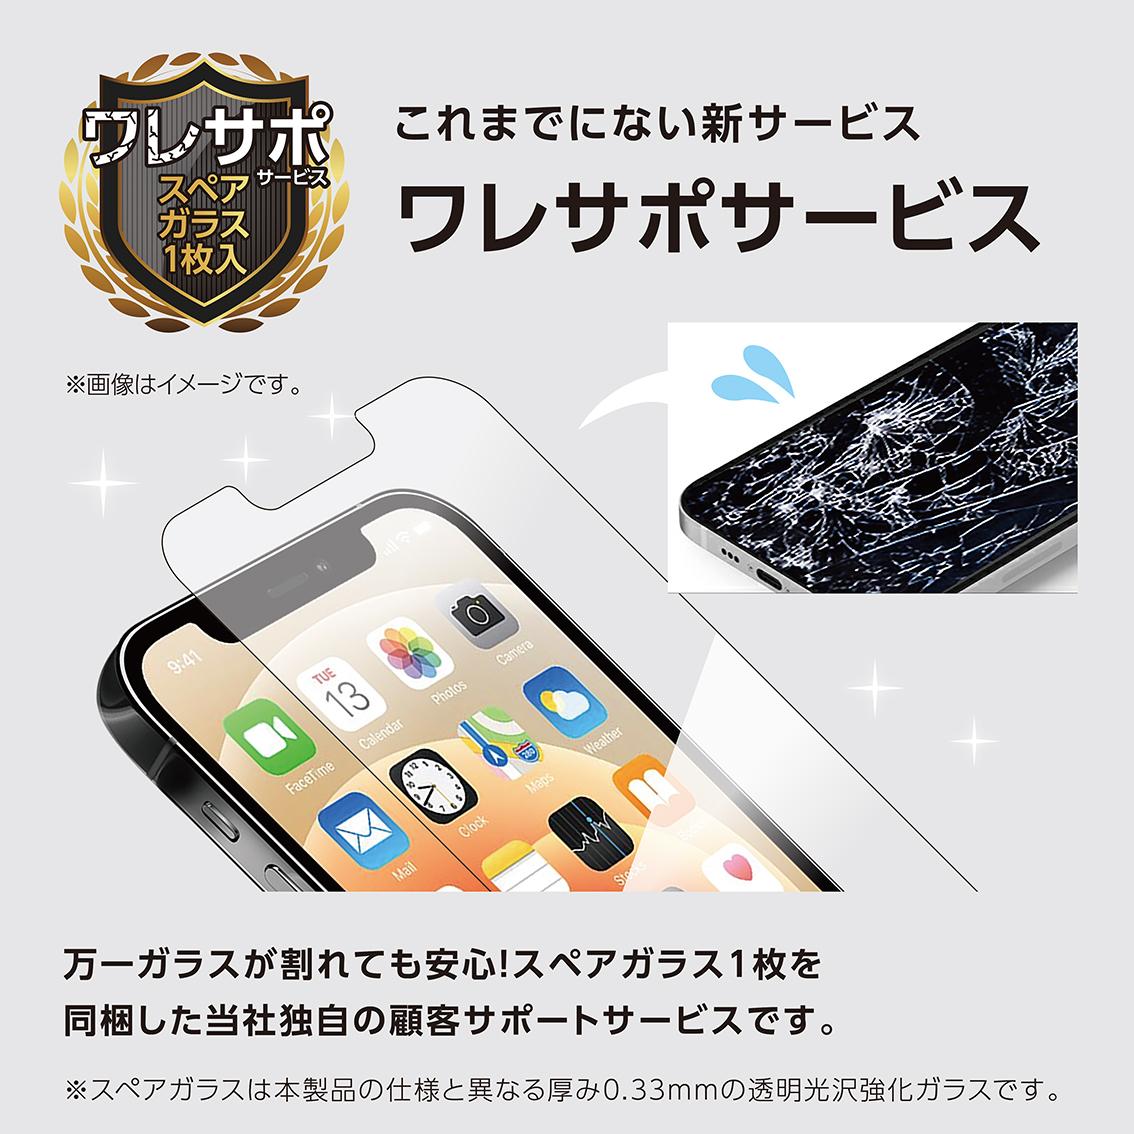 [iPhone 13/13 Pro専用]CRYSTAL ARMOR クリスタルアーマー PAPER THIN ゴリラガラス製 ラウンドエッジ            ブルーライトカット 抗菌・耐衝撃 強化ガラス 0.15mm iPhone13 保護フィルム